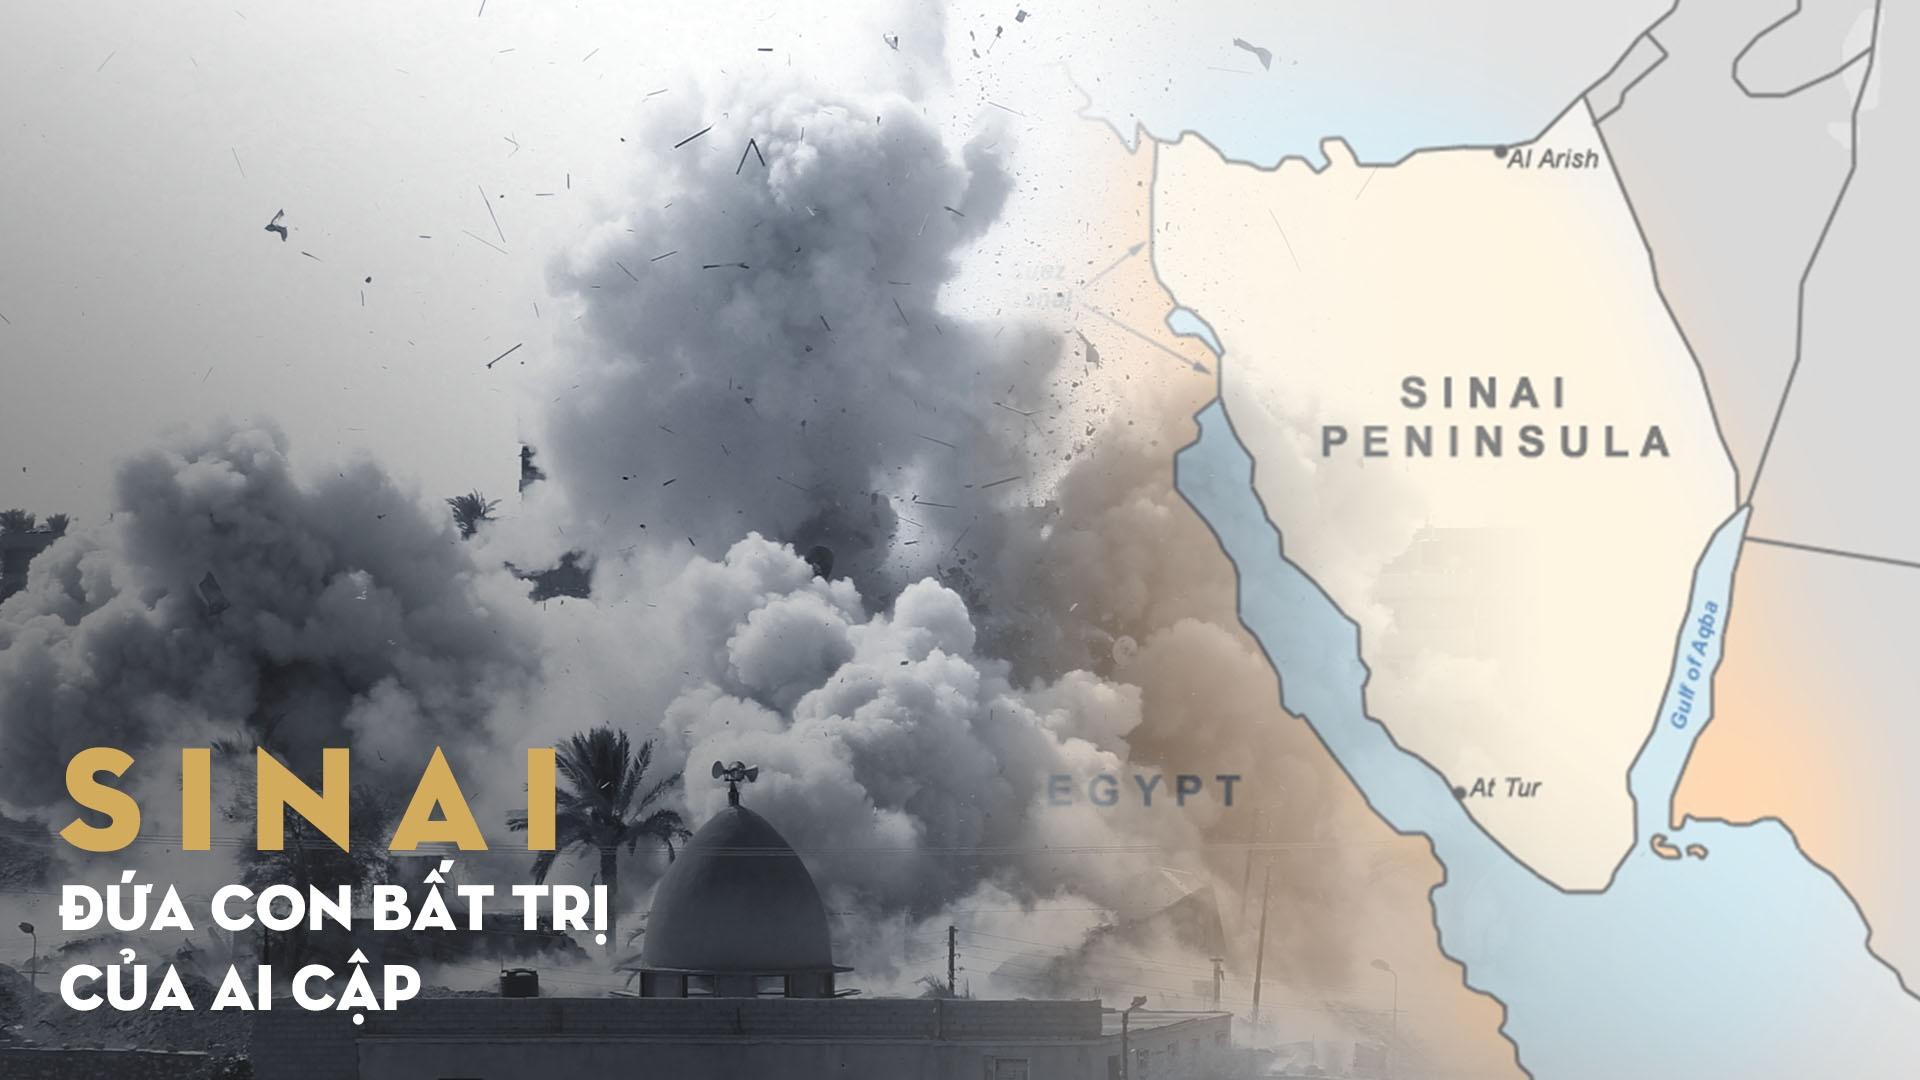 Ban dao Sinai: Dua con bat tri cua Ai Cap bat on hinh anh 1